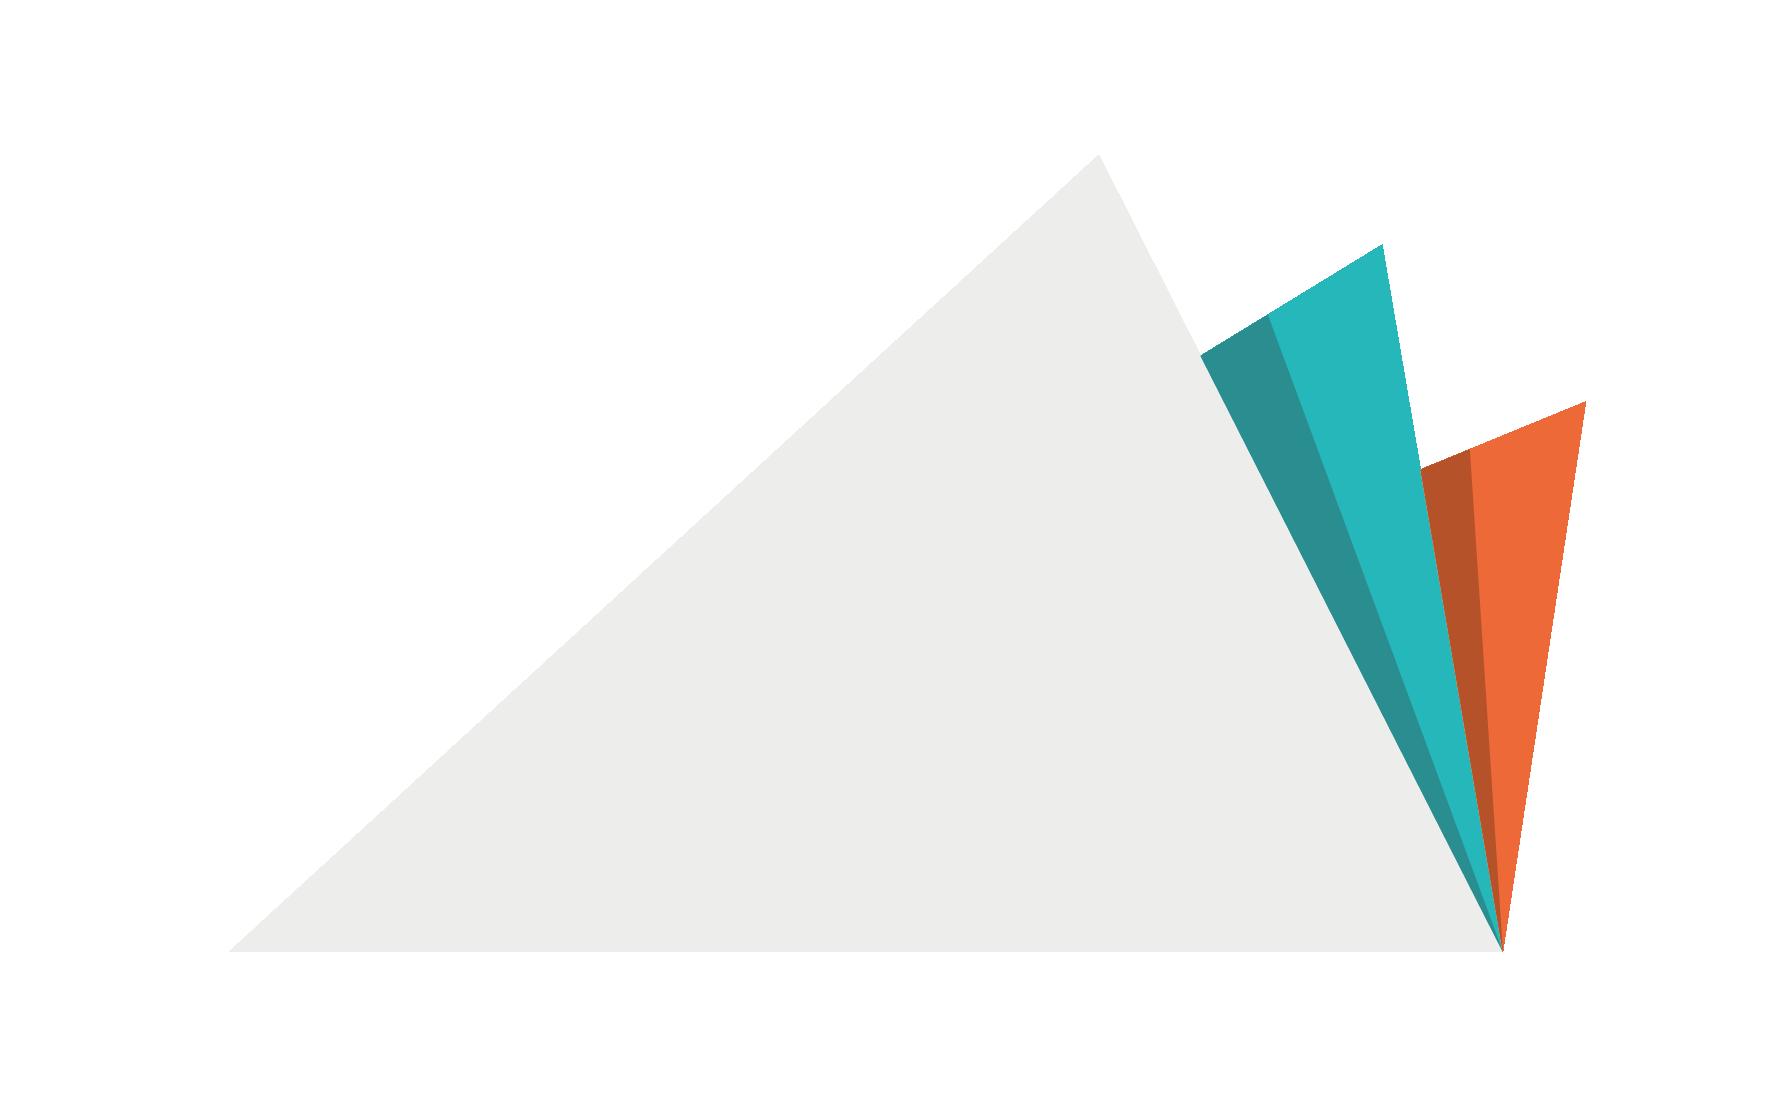 Chinderzytig logo